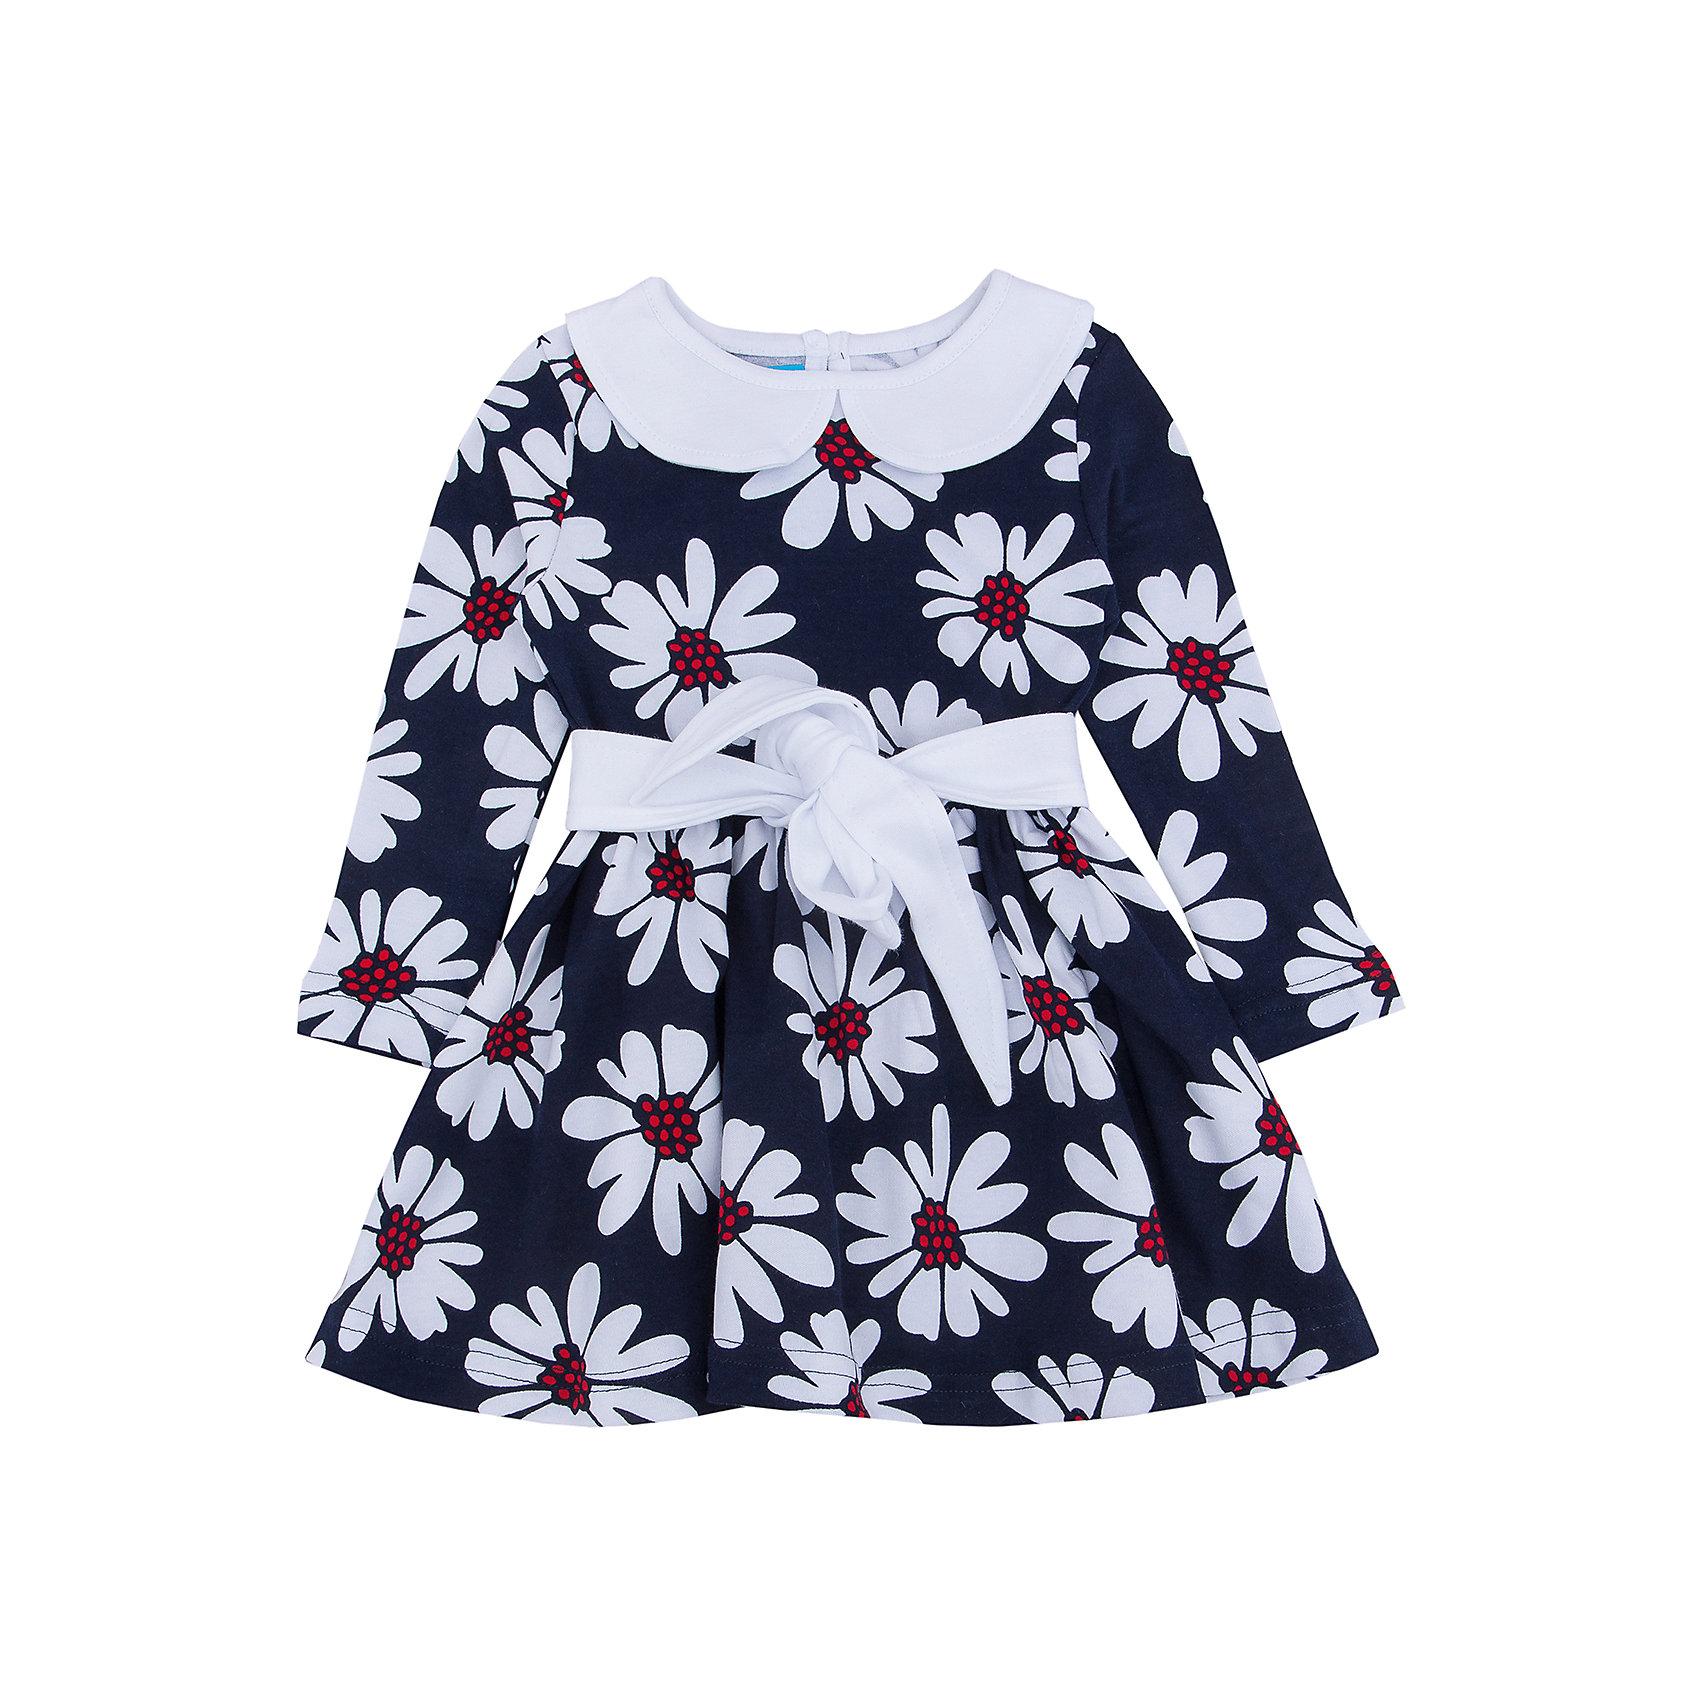 Платье для девочки АпрельПлатье для девочки от известного бренда Апрель.<br>Стильное платье с длинными рукавами выполнено из плотного хлопкового полотна. Изделие декорировано поясом, а также отложным воротничком контрастного цвета, застегивается на пуговицу на спинке. Отличный вариант для маленькой леди как на праздник, так и на каждый день! Рекомендуется машинная стирка при температуре 40 градусов без предварительного замачивания.<br>Состав:<br>хлопок 100%<br><br>Ширина мм: 236<br>Глубина мм: 16<br>Высота мм: 184<br>Вес г: 177<br>Цвет: синий/белый<br>Возраст от месяцев: 18<br>Возраст до месяцев: 24<br>Пол: Женский<br>Возраст: Детский<br>Размер: 92,128,122,116,110,104,98<br>SKU: 4966444